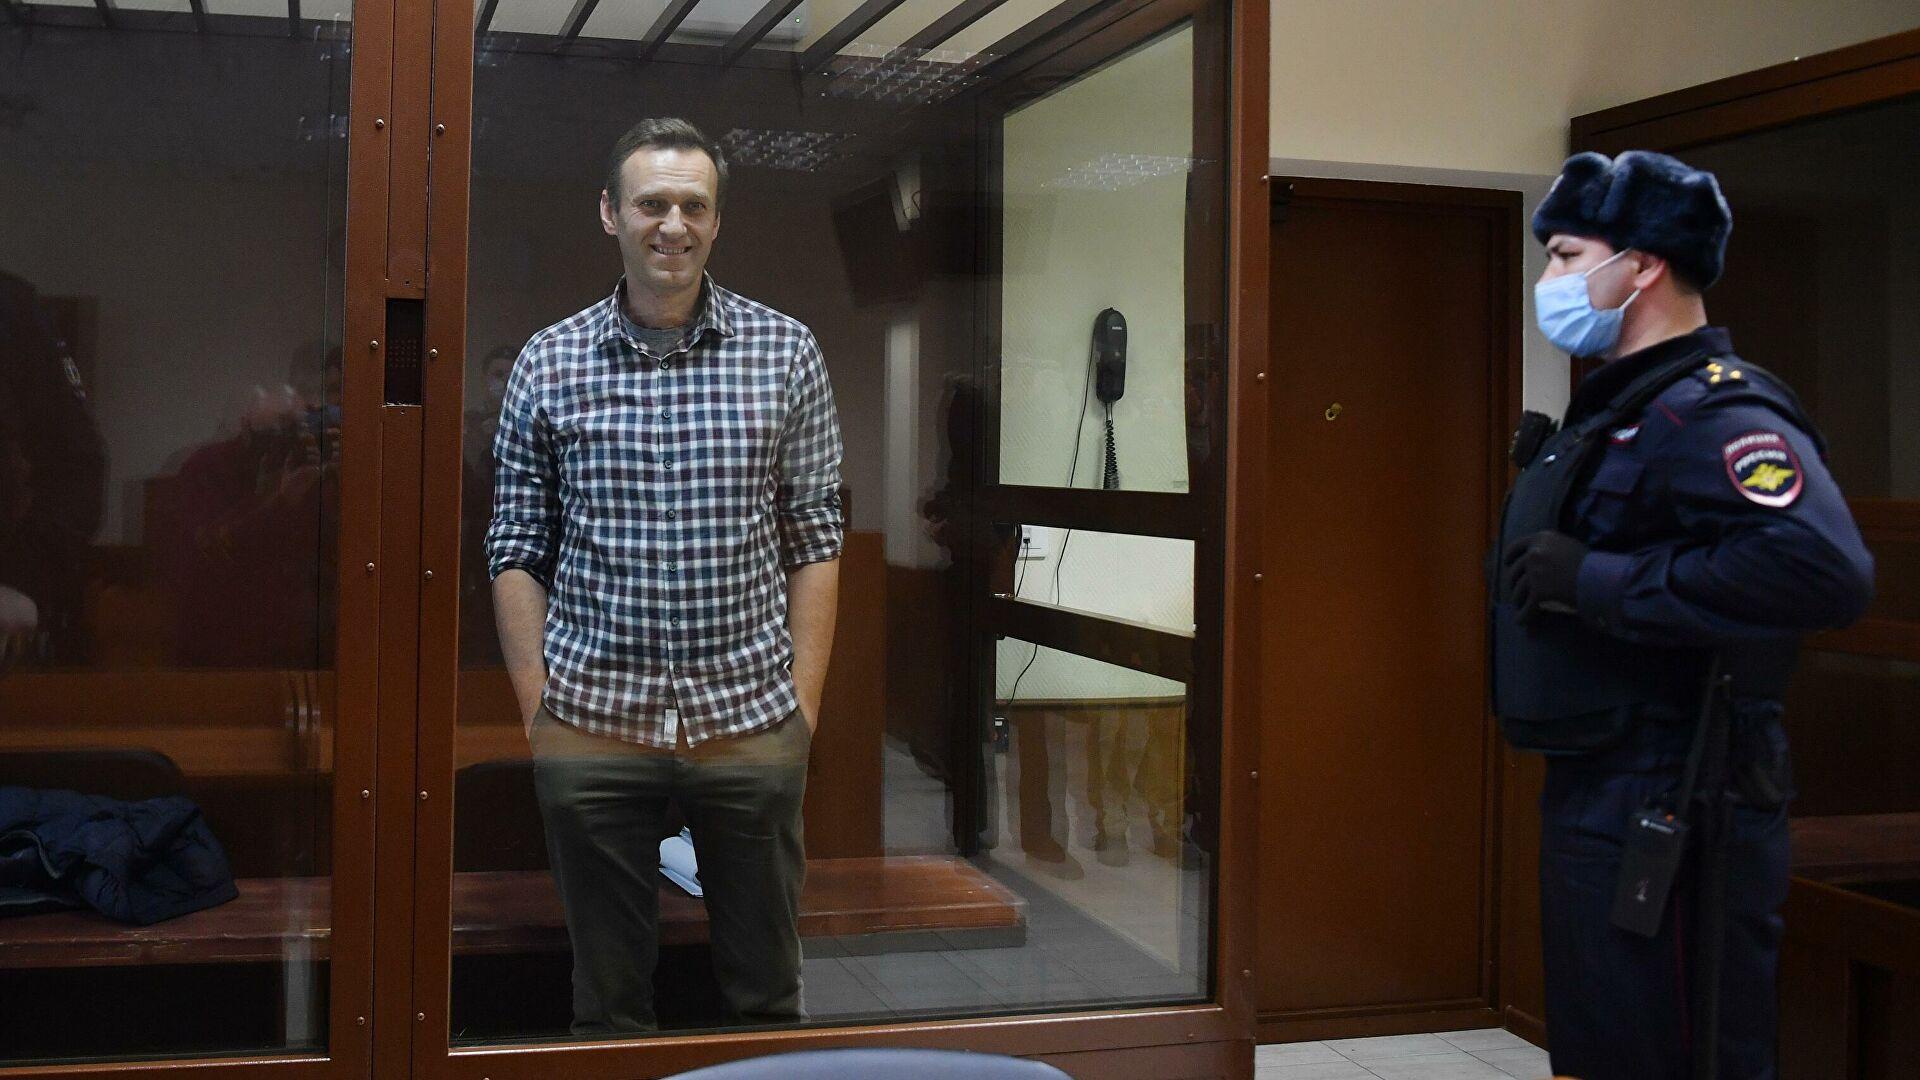 «Россия будет счастливой». Последнее слово Навального в суде на апелляции по делу «Ив Роше»